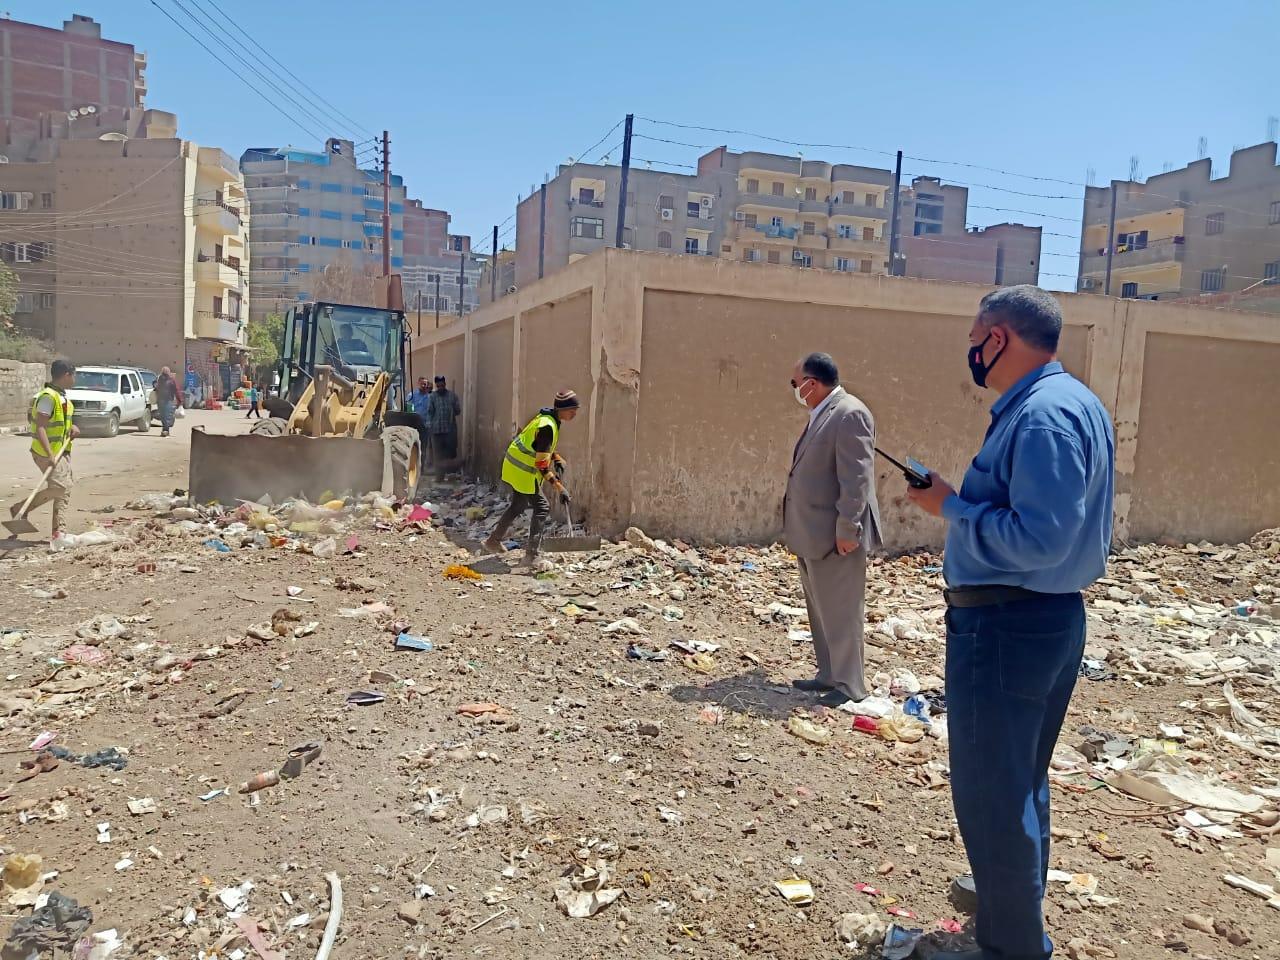 محافظ أسيوط: حملات نظافة مستمرة بالمراكز والأحياء